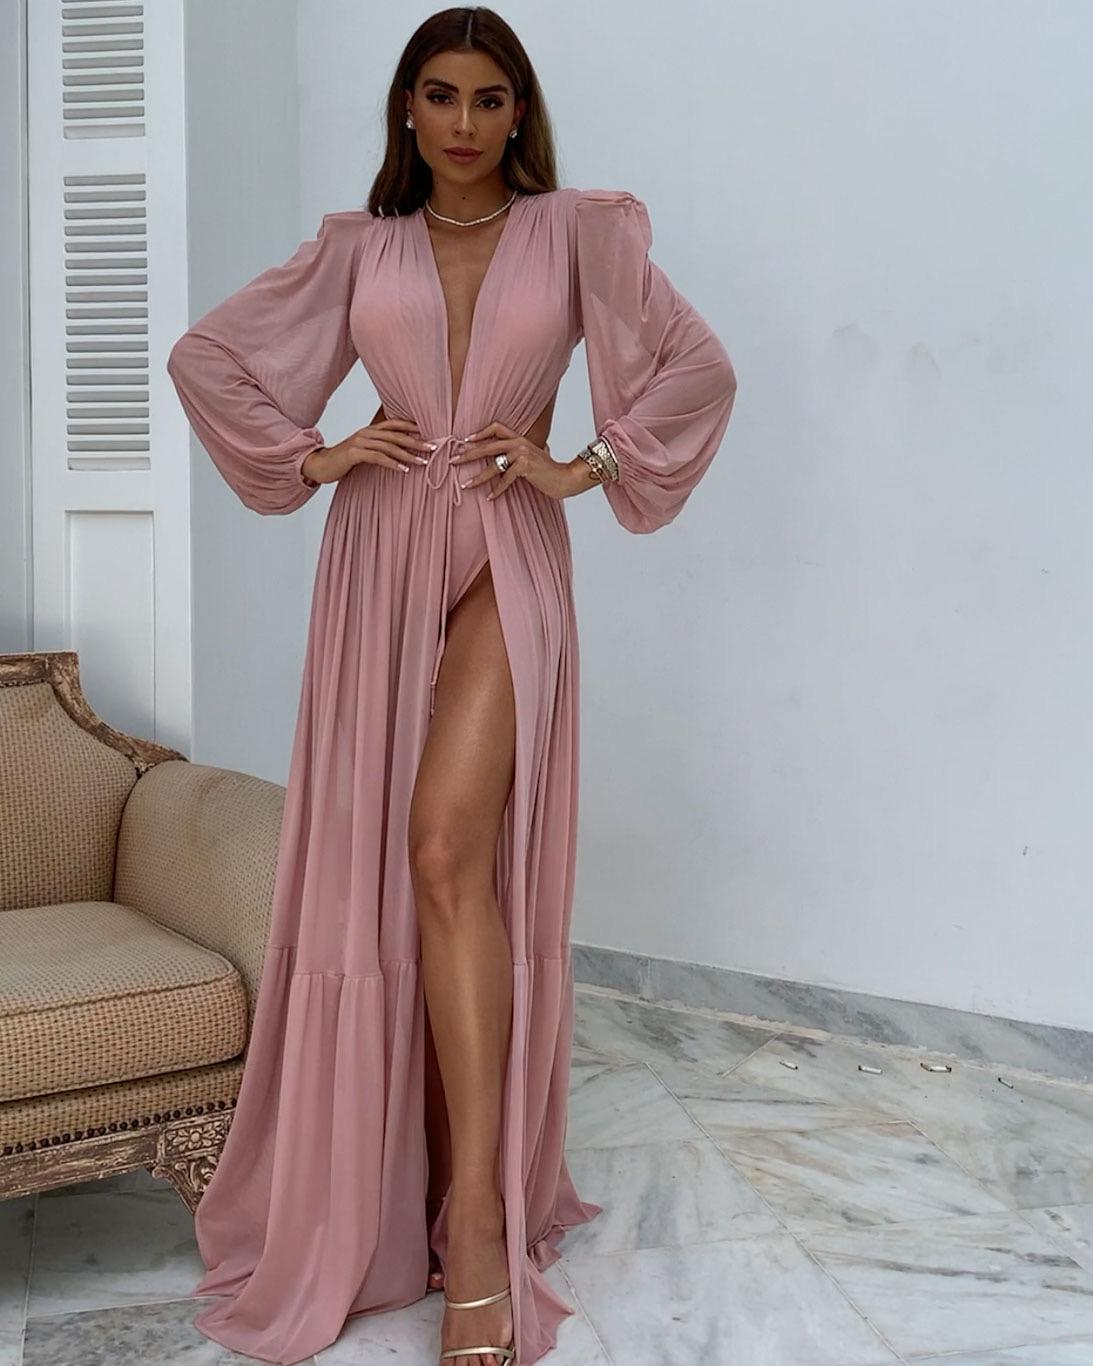 Vestido Debby  - Empório NM